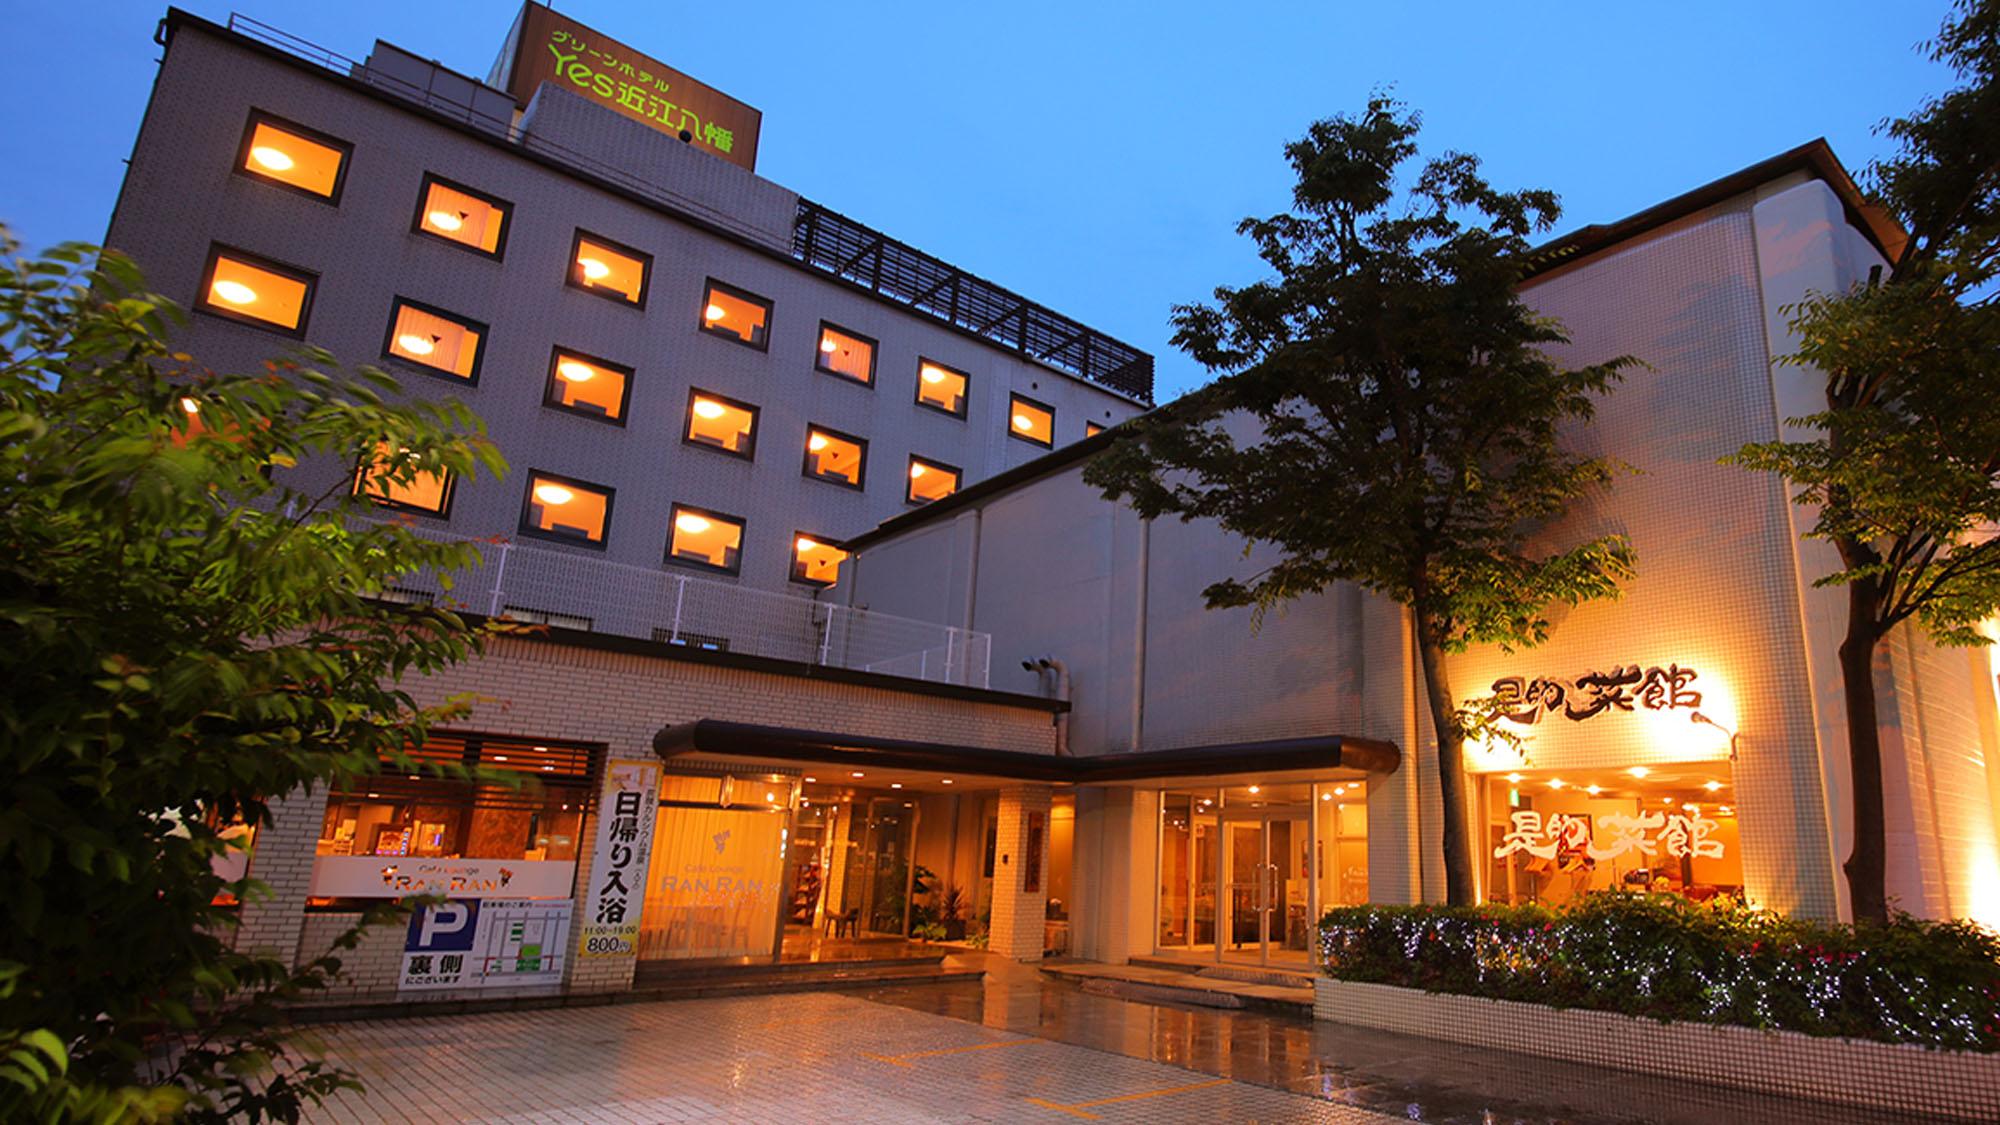 グリーンホテル Yes 近江八幡◆楽天トラベル